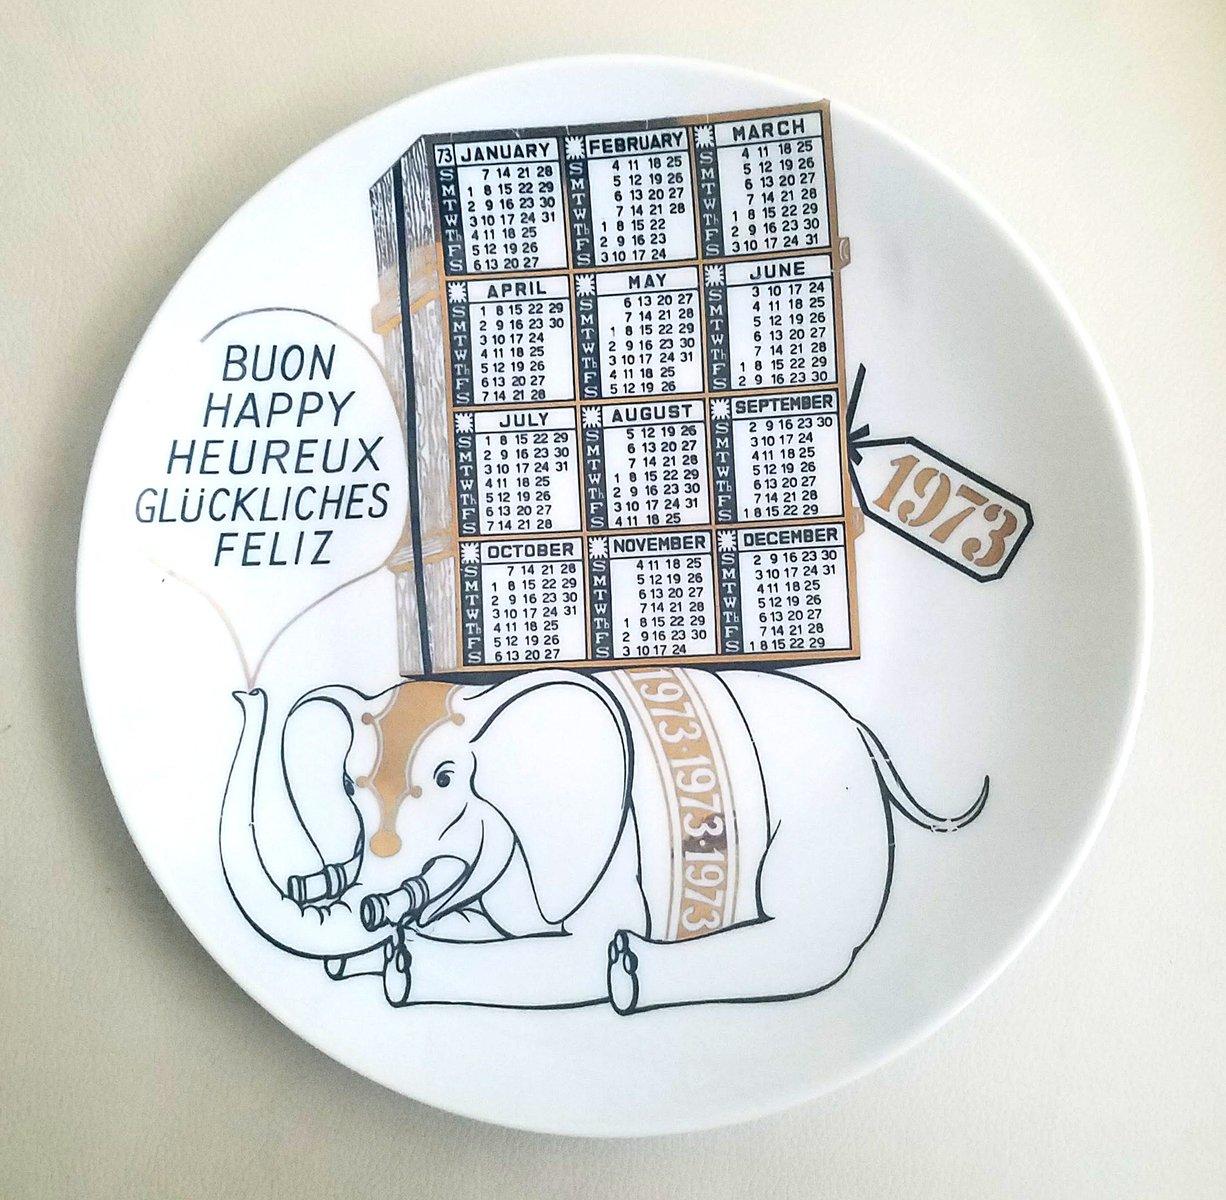 jahr 1973 porzellan kalender teller von piero fornasetti bei pamono kaufen. Black Bedroom Furniture Sets. Home Design Ideas